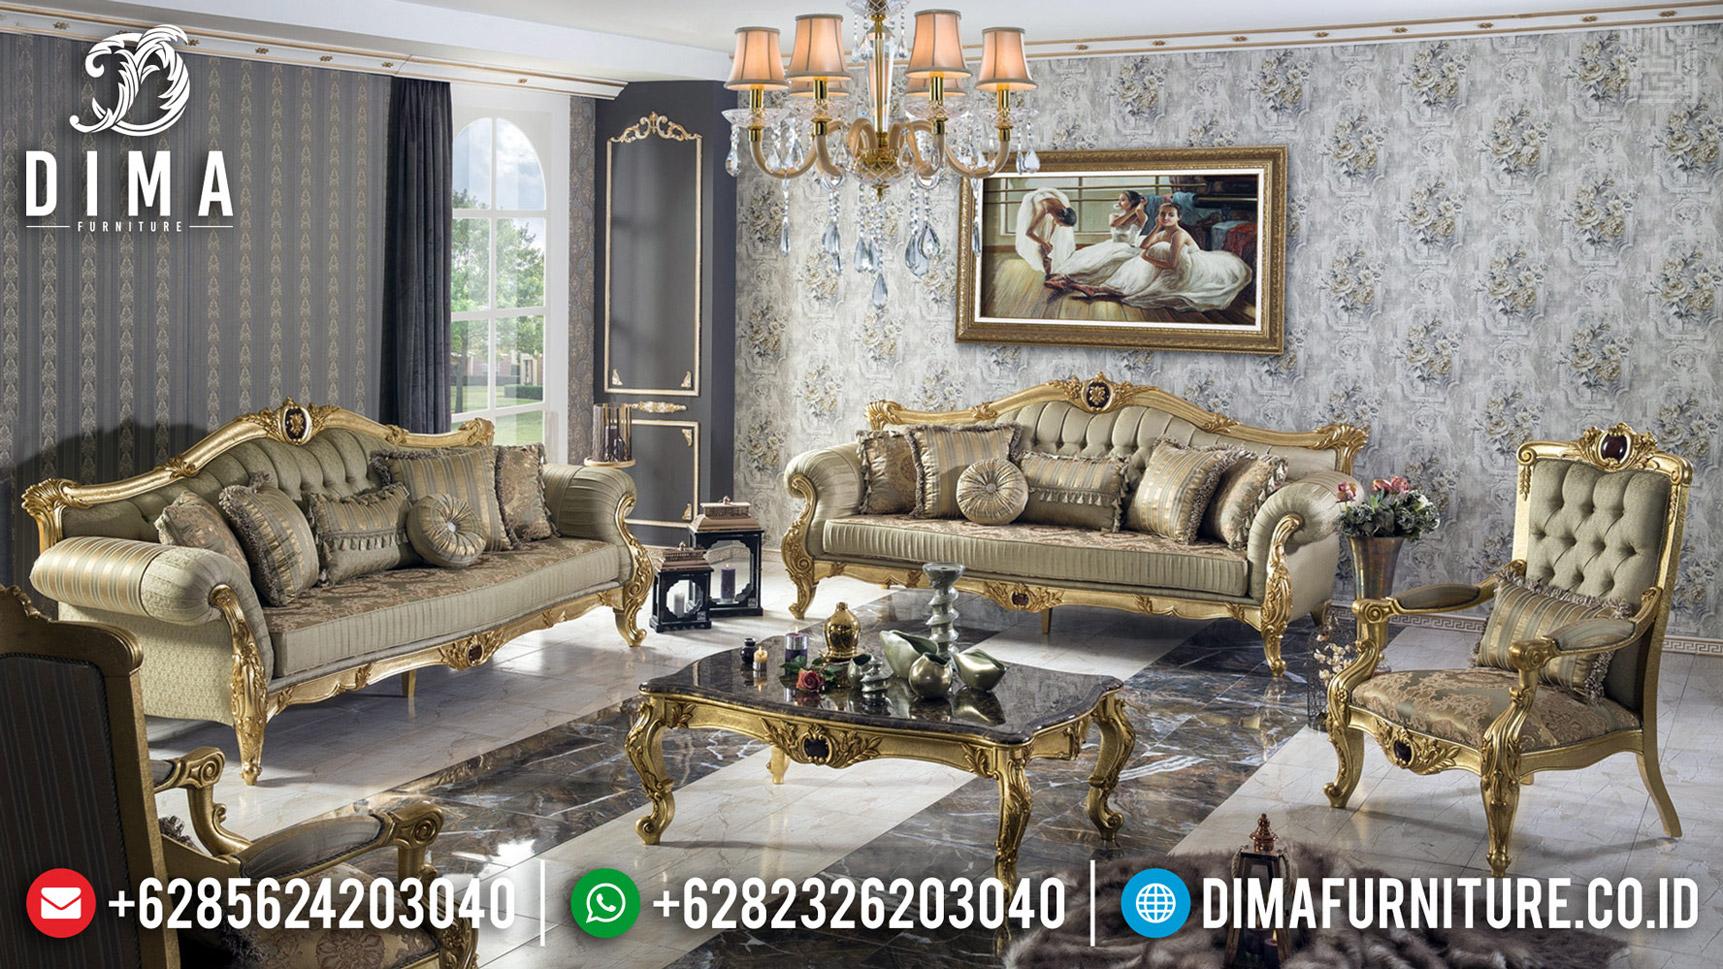 Living Room Area Sofa Tamu Jepara Mewah Harga Murah Berkualitas BT-0605